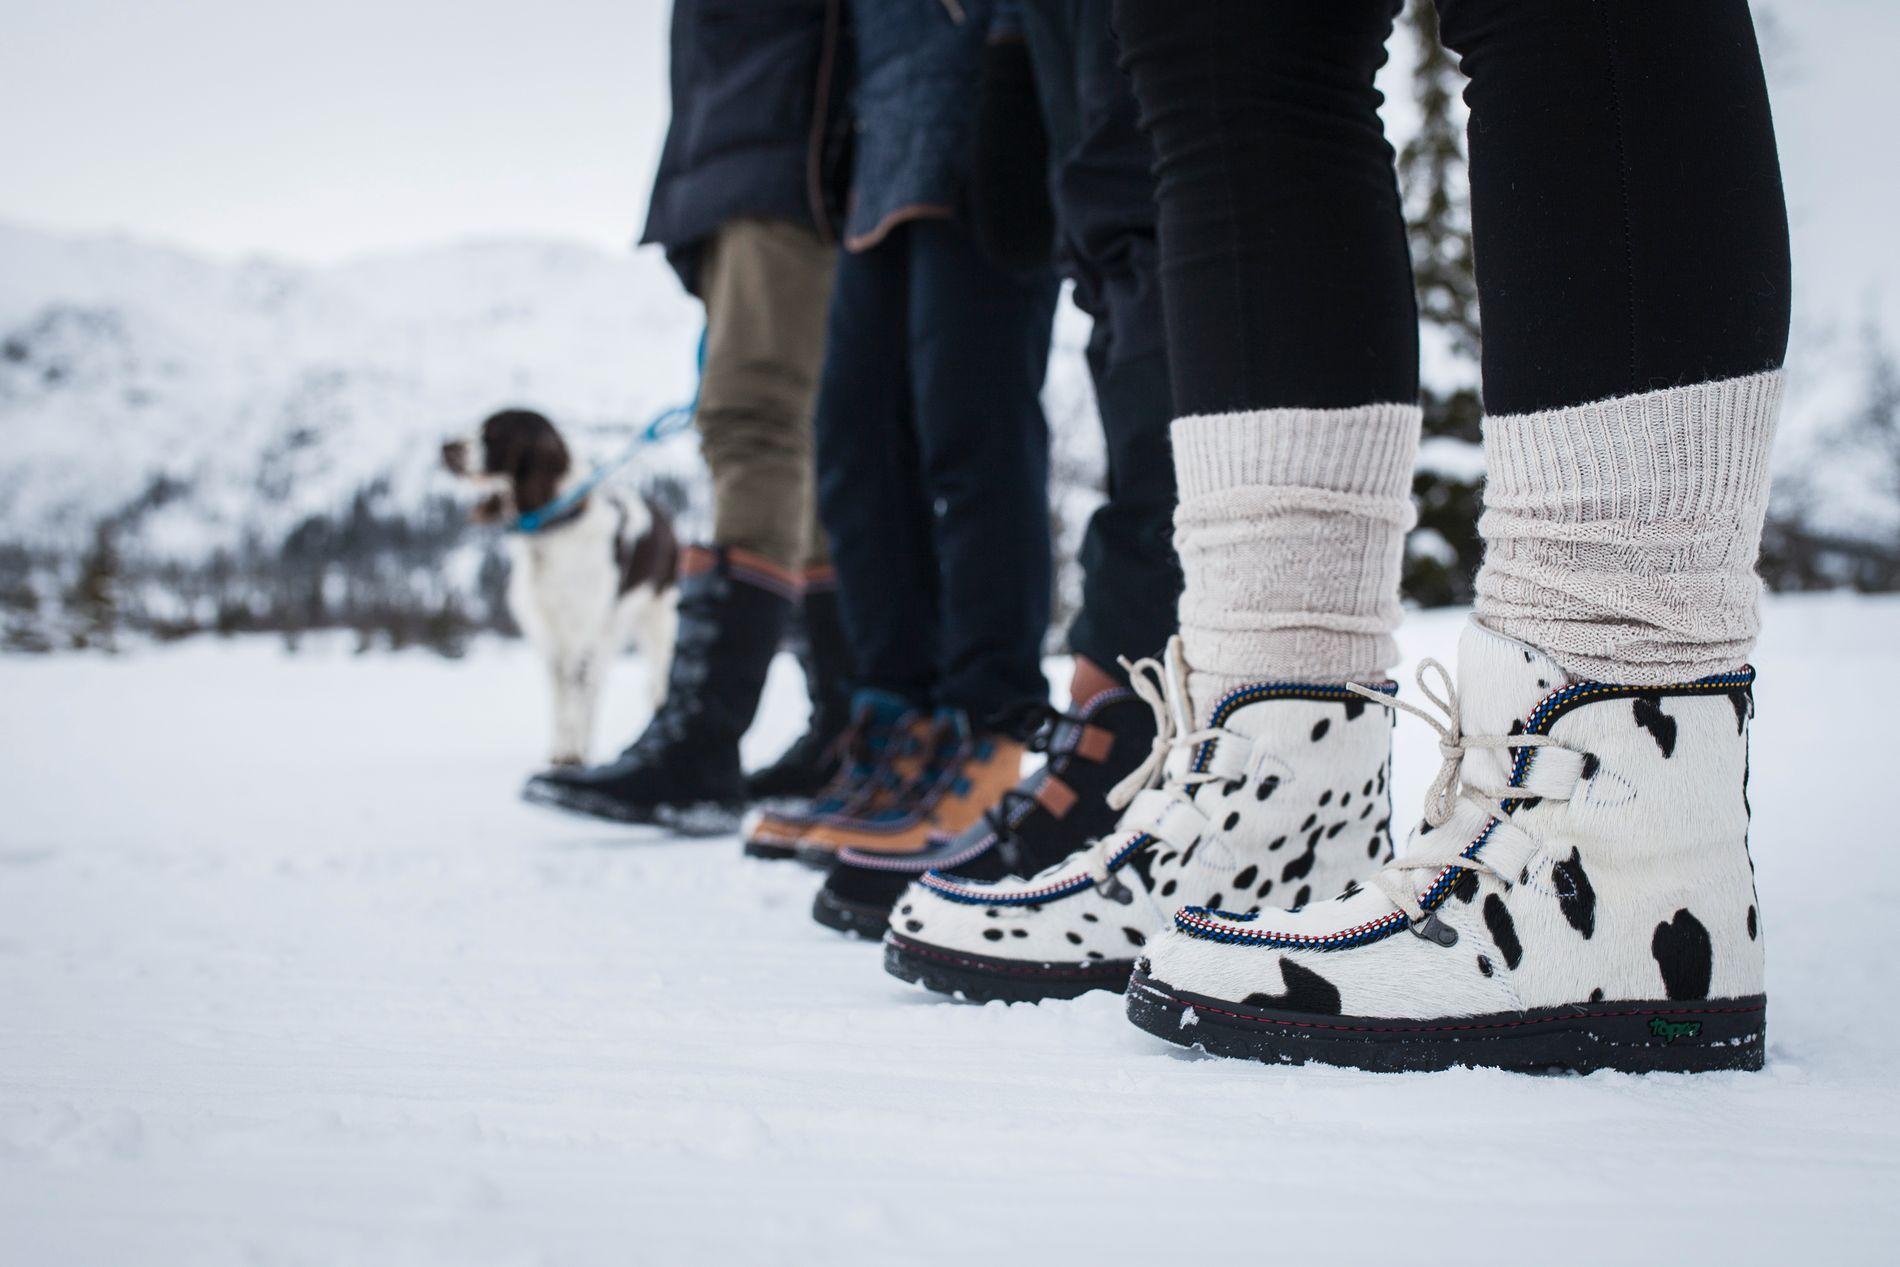 MANGE VARIANTER: Topaz har et stort sortiment av sko, støvler og tøfler - alle i rene naturmaterialer av høy kvalitet.